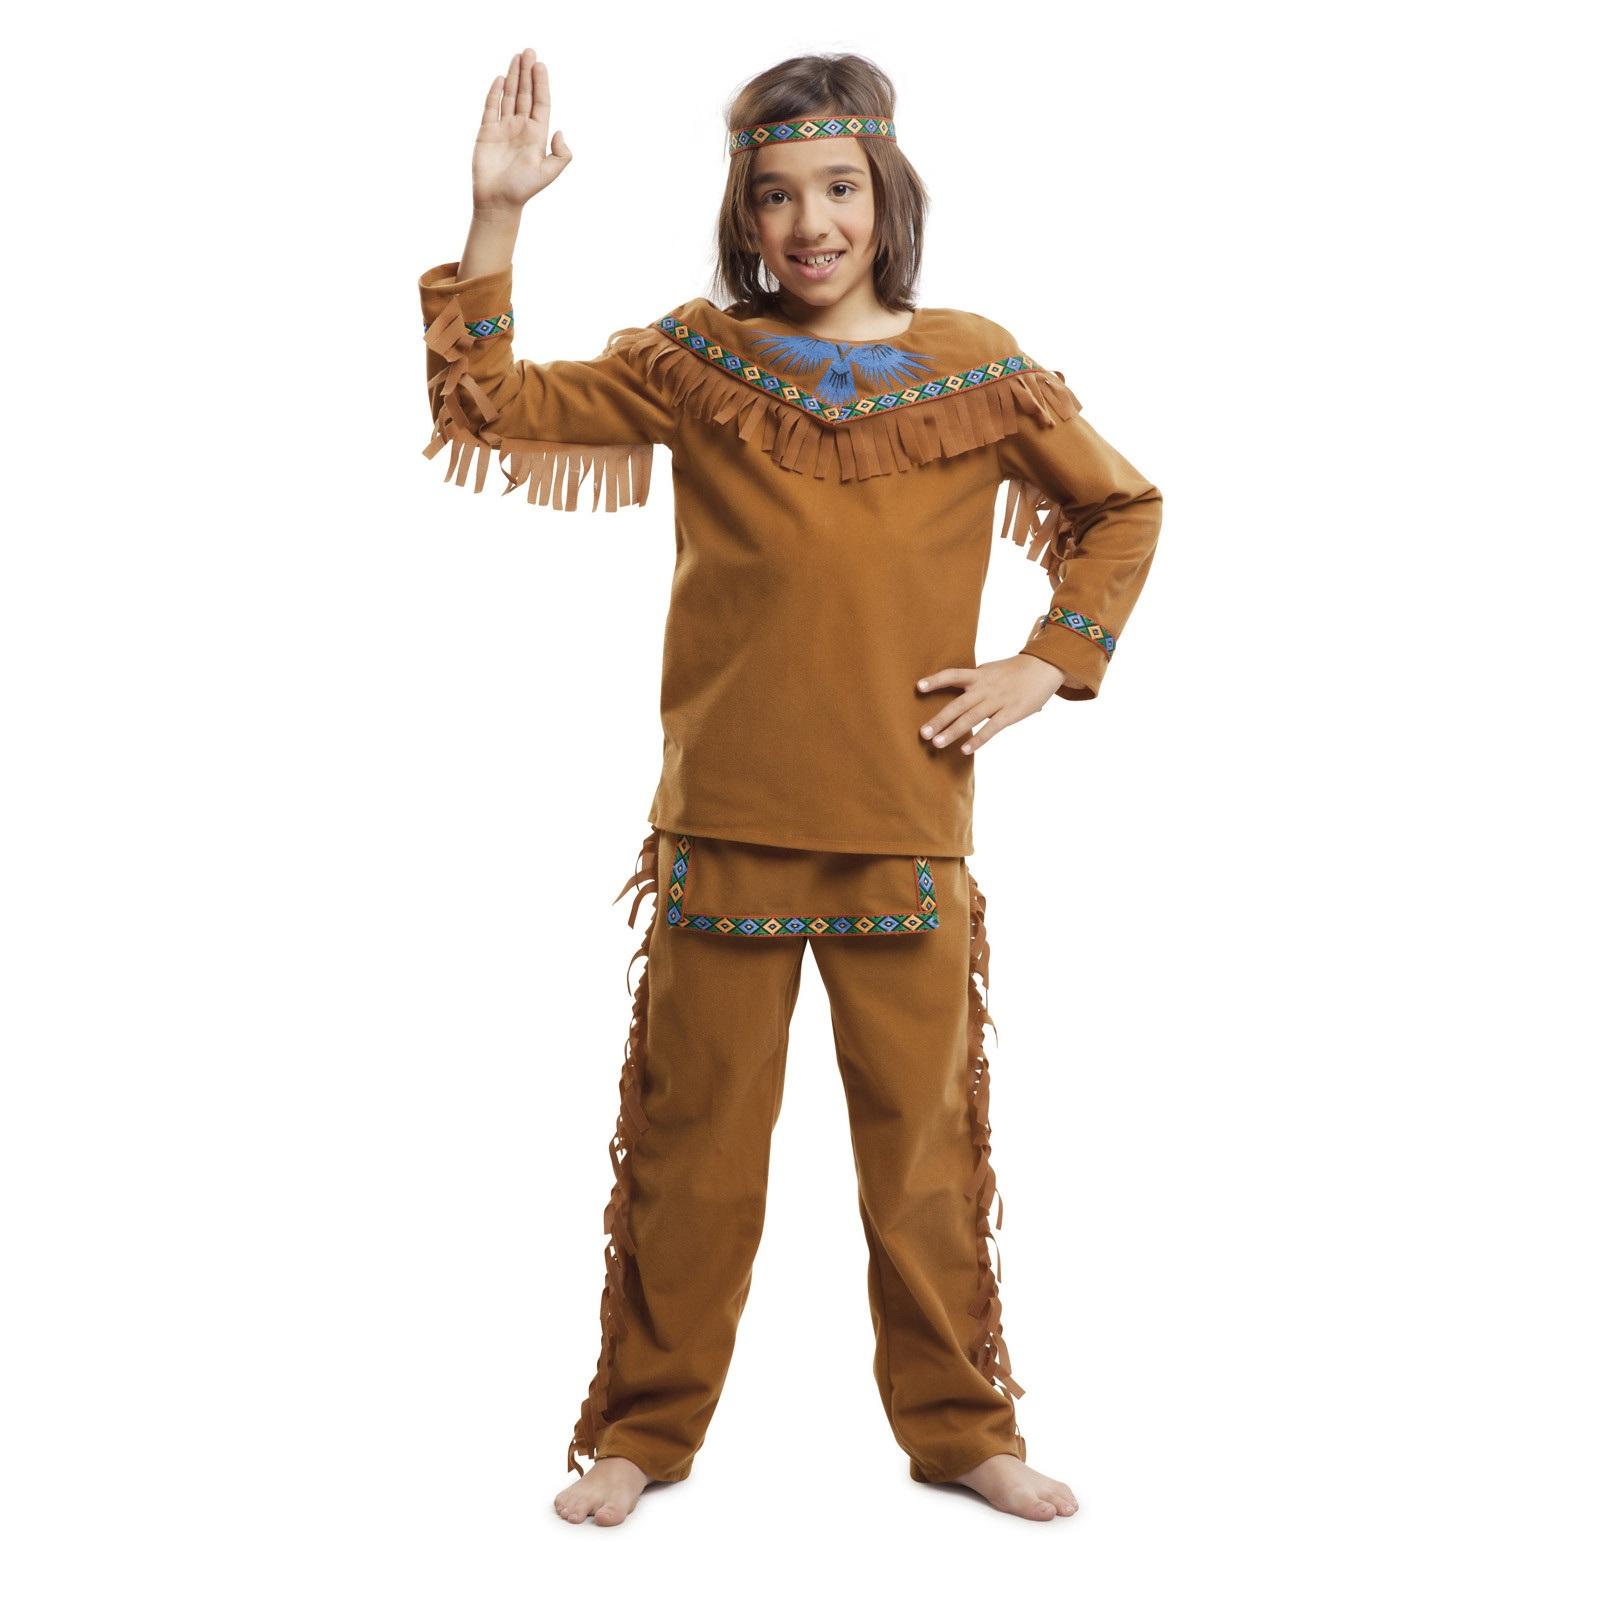 disfraz índio marrón niño 203395mom - DISFRAZ DE INDIO MARRON NIÑO